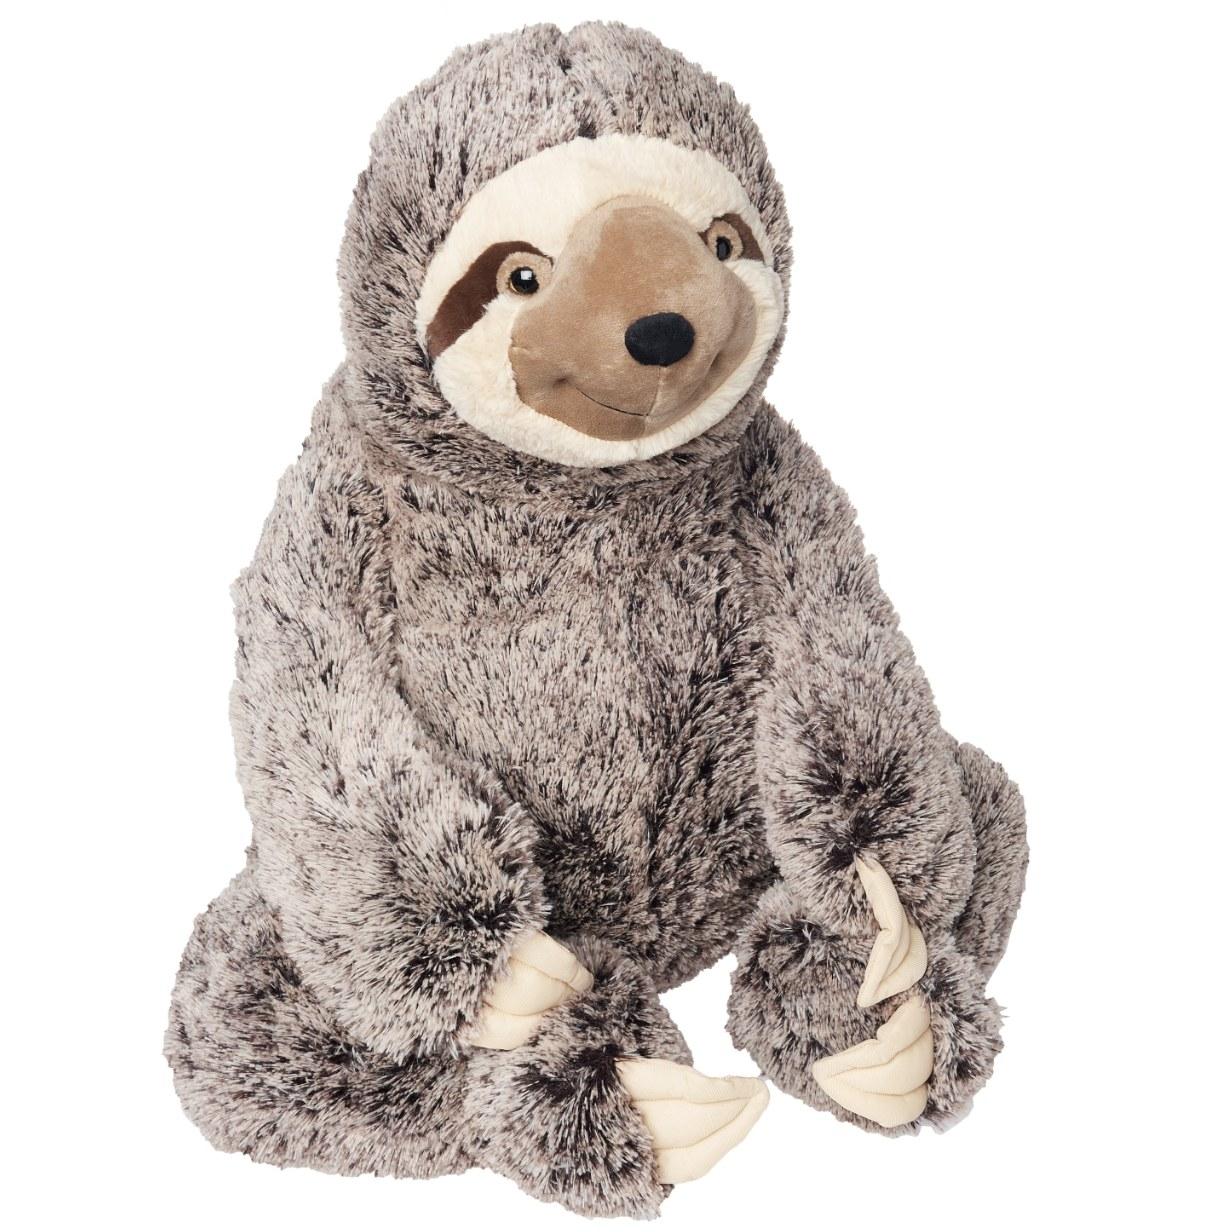 A sloth plush